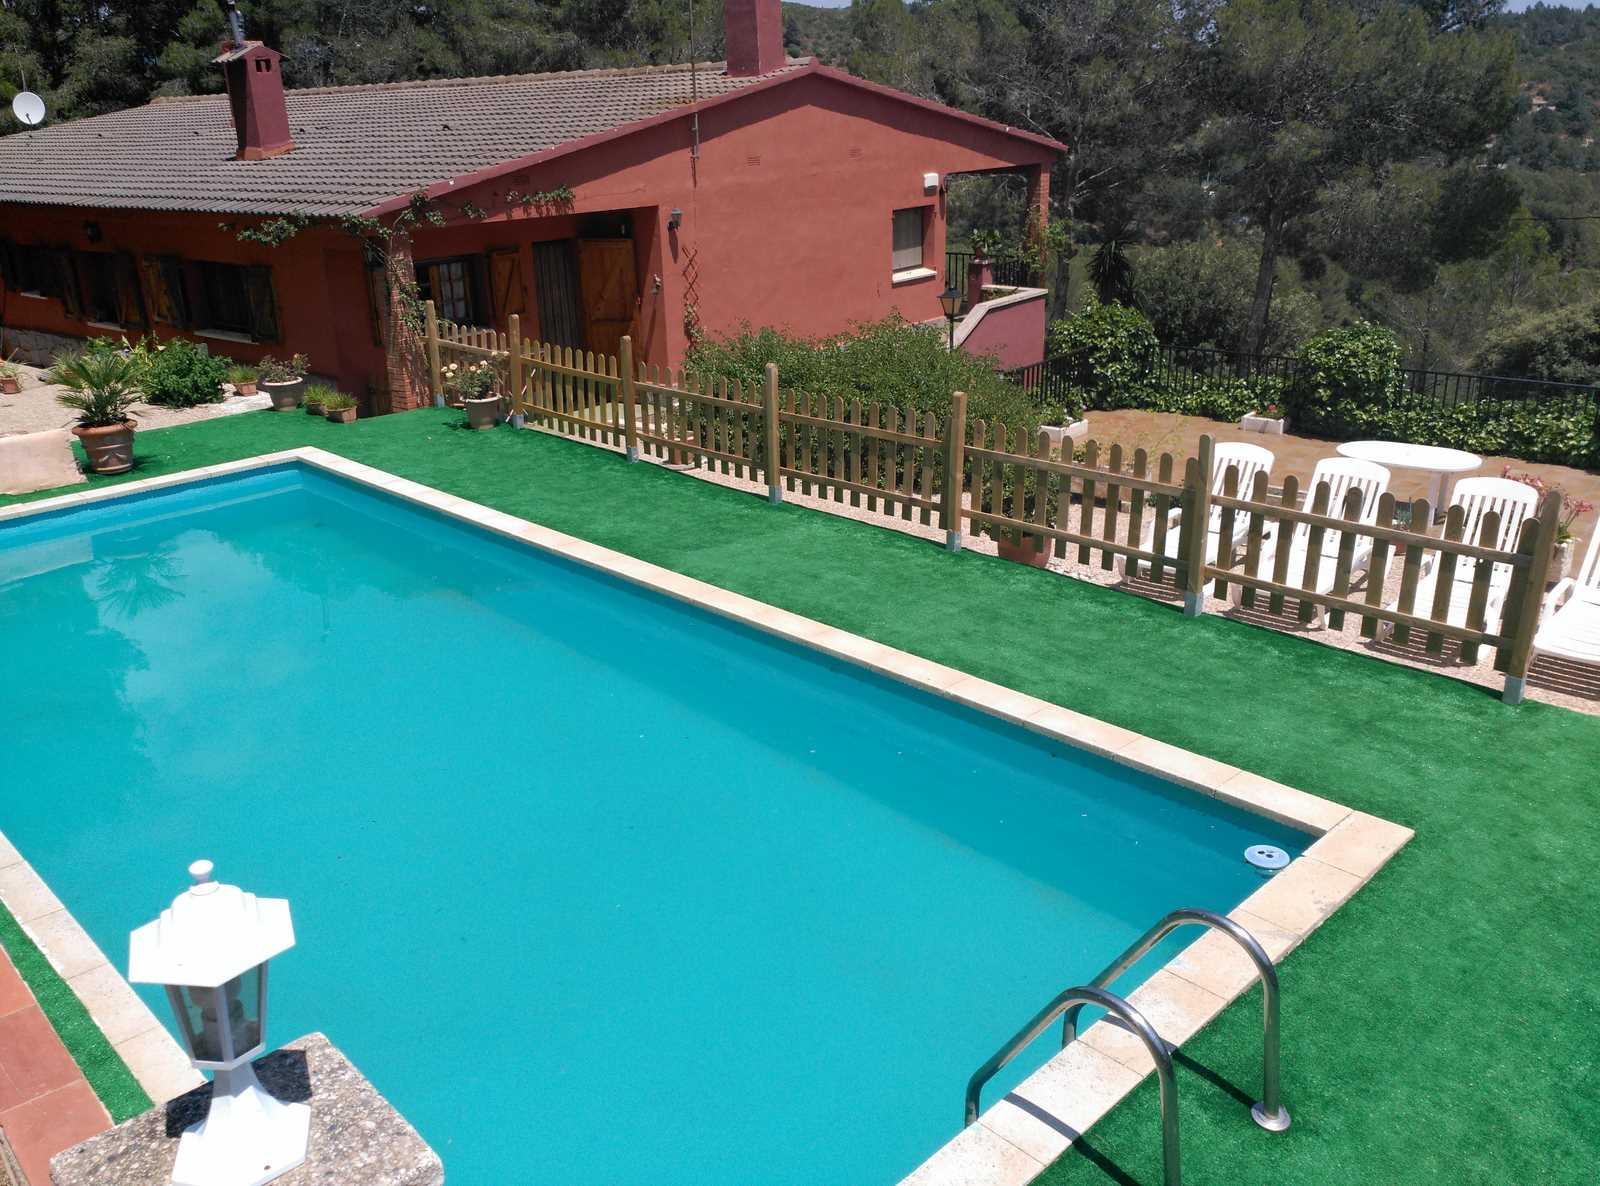 Alquiler vacaciones en Maspujols, Tarragona